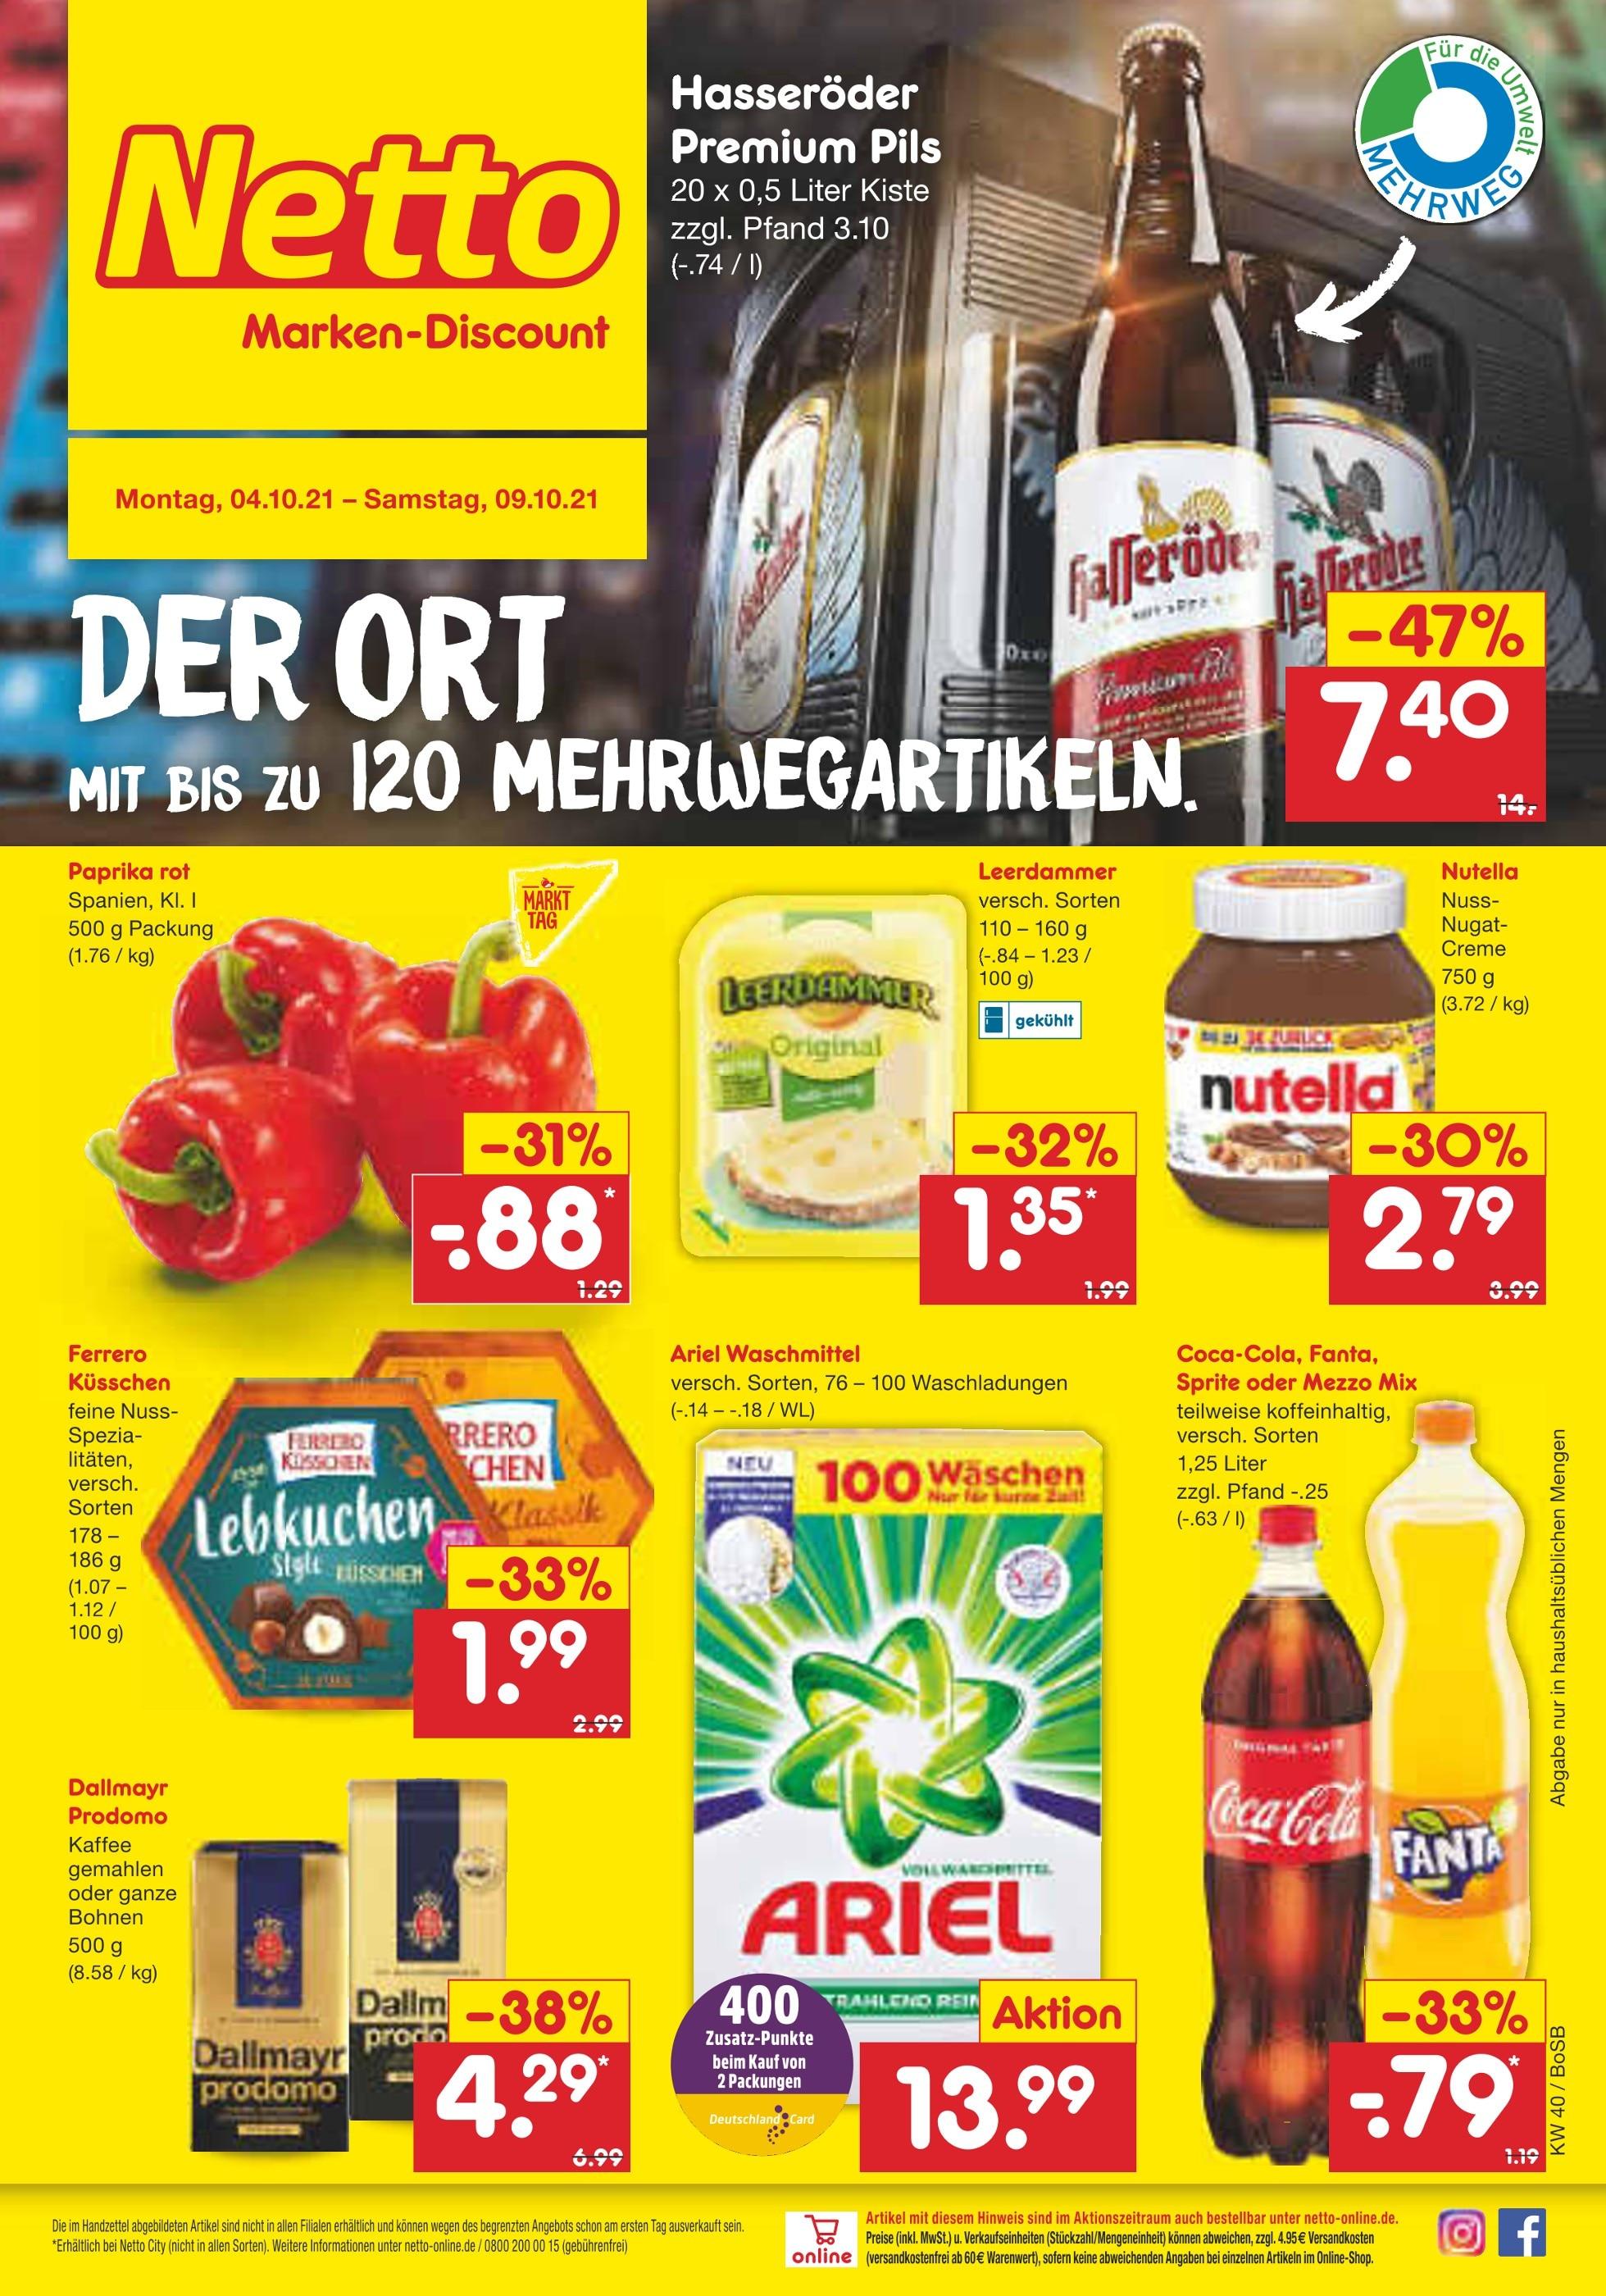 Netto Marken Discount Essen   Aktuelle Angebote im Prospekt